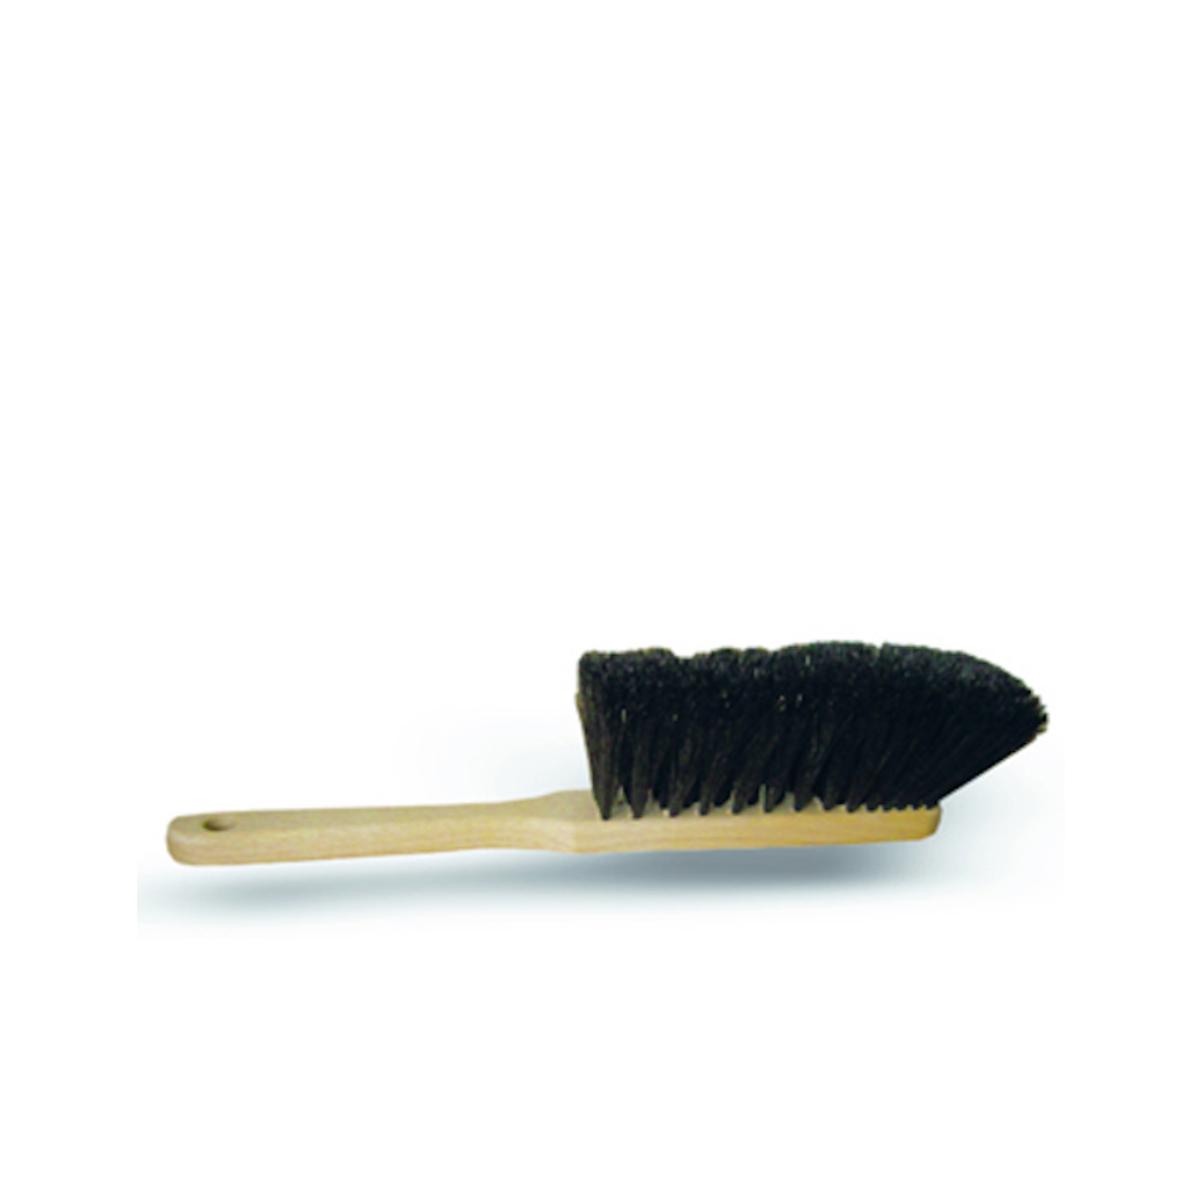 Handwischer Rosshaar, gestanzt 28 cm